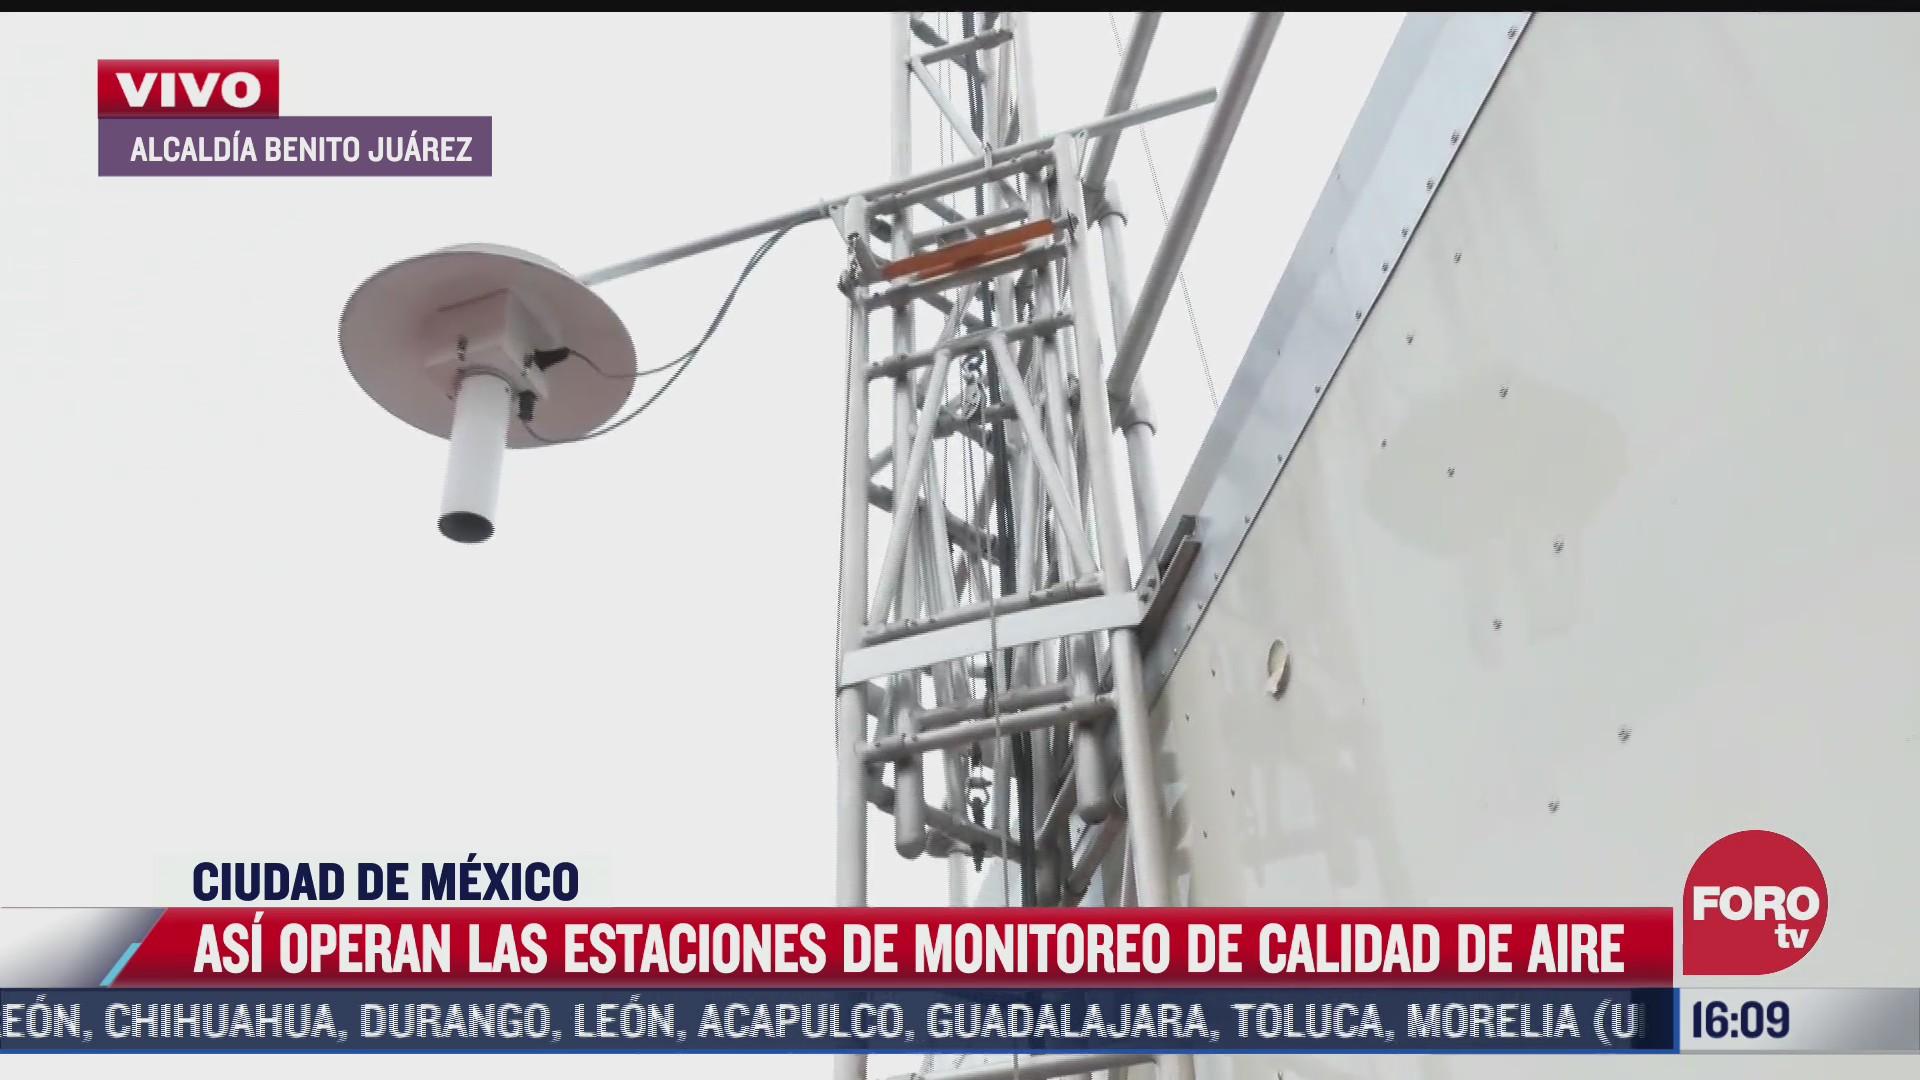 asi operan las estaciones de monitoreo de calidad de aire